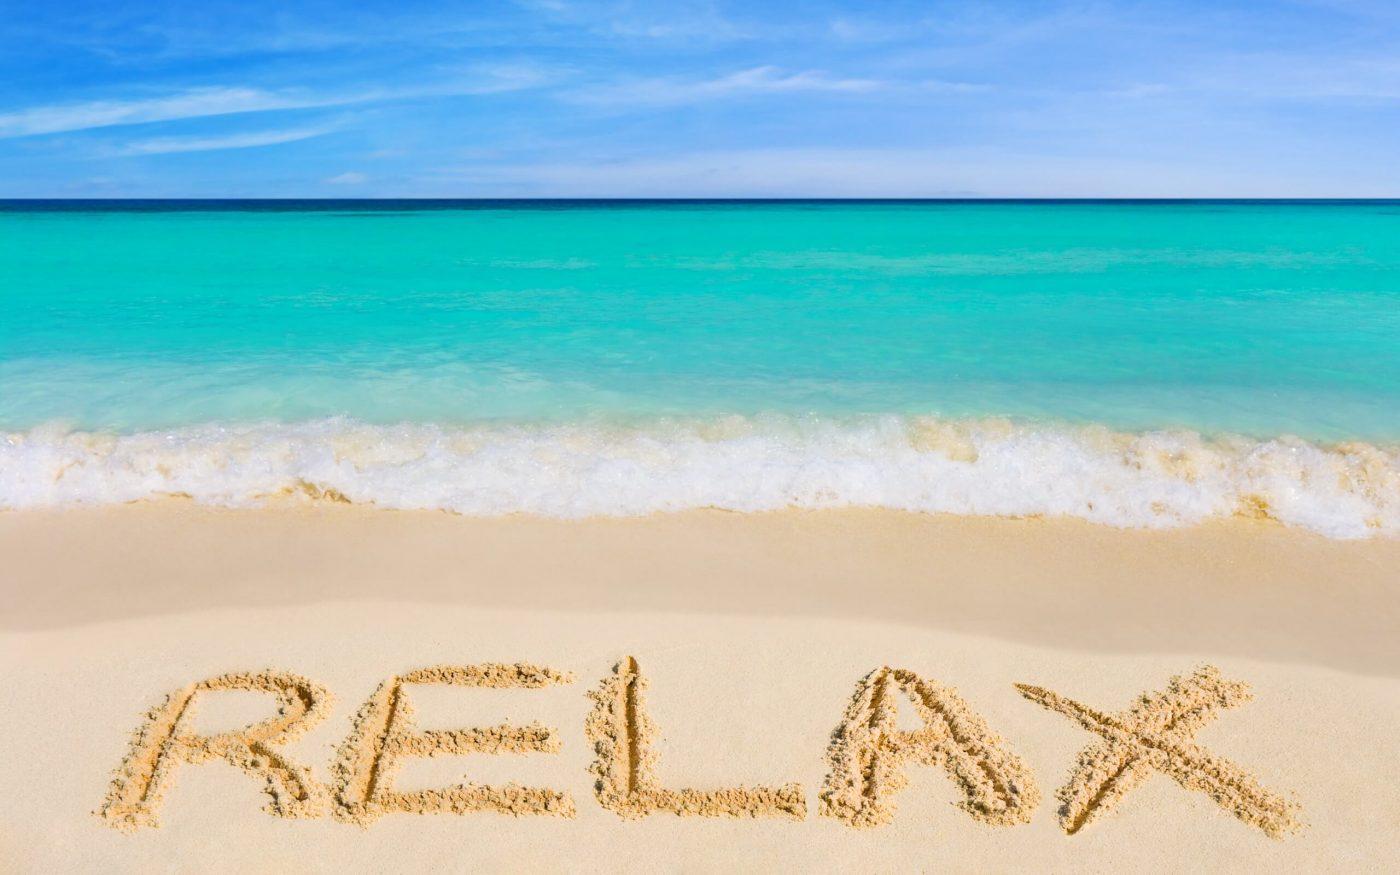 Strand med Relax skrevet i stranden